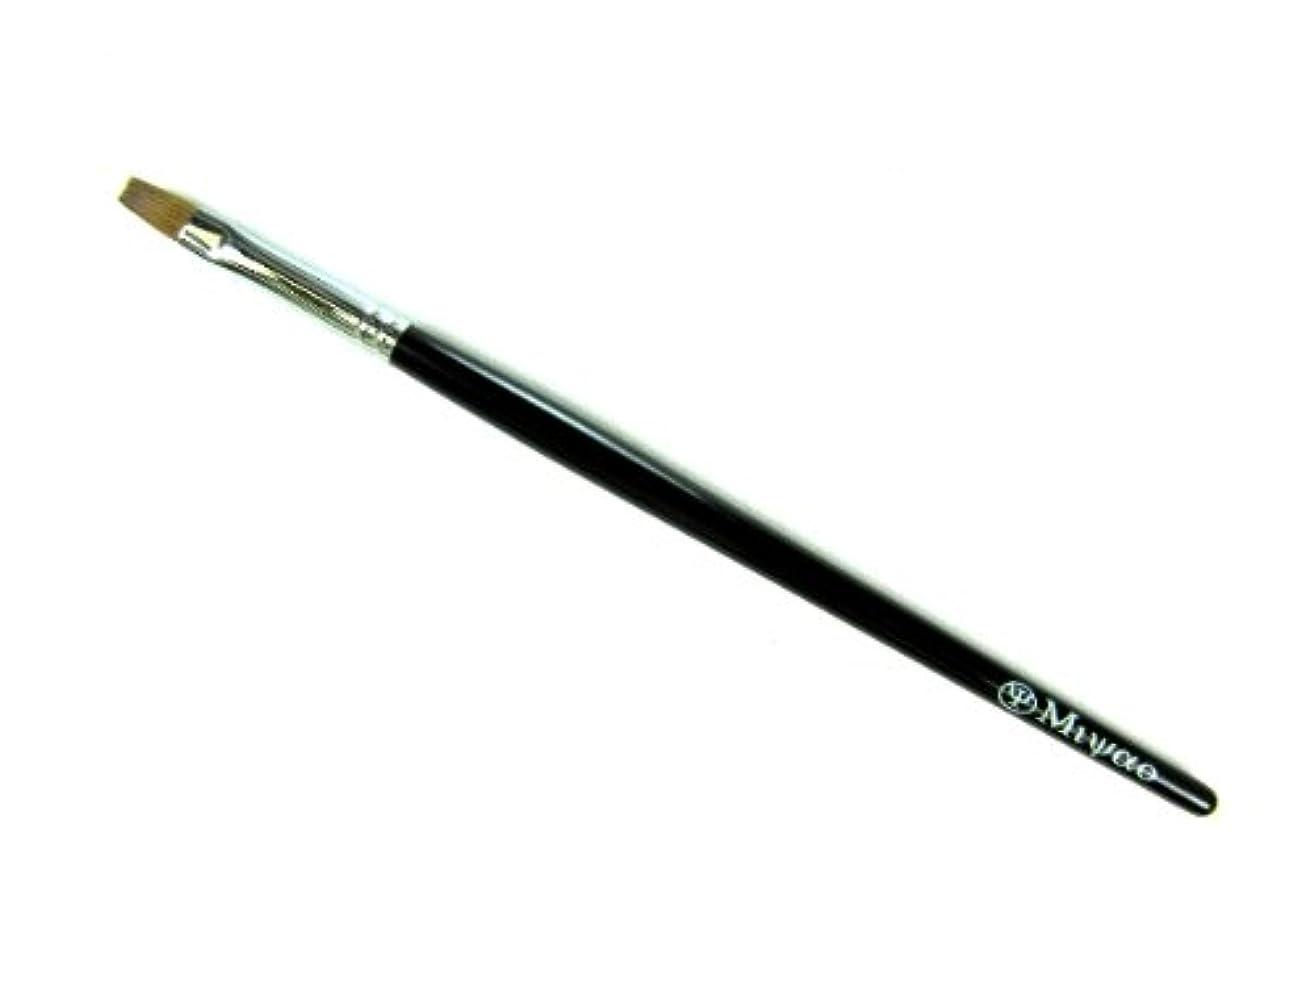 優しさ舗装する限り宮尾産業化粧筆(メイクブラシ) MBシリーズ-24 リップブラシ(平) セーブル100% /熊野筆